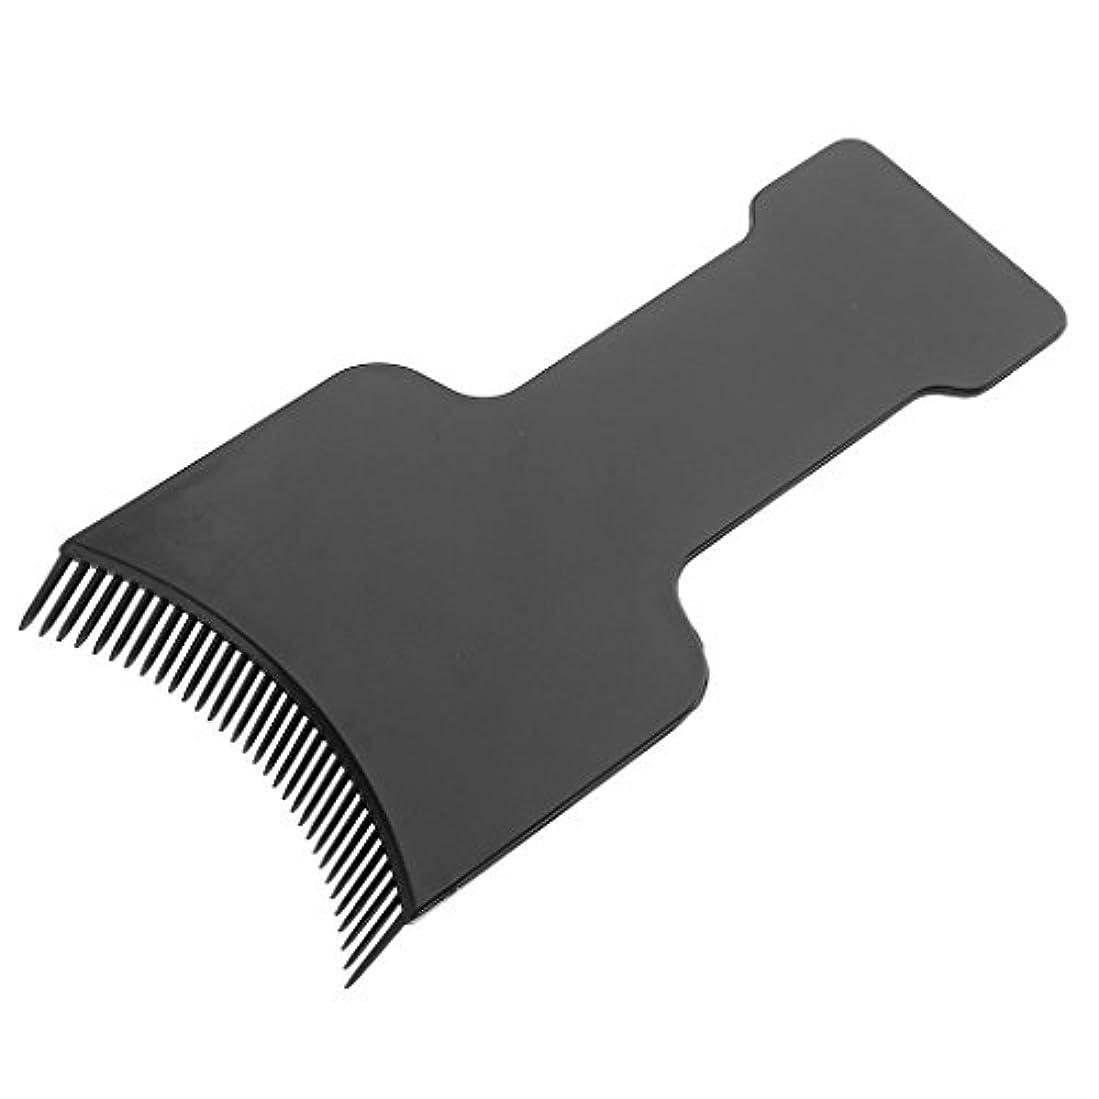 咳フラフープ投票Fenteer ヘアカラー ボード 髪 染色 ツール ブラック 全4サイズ - S